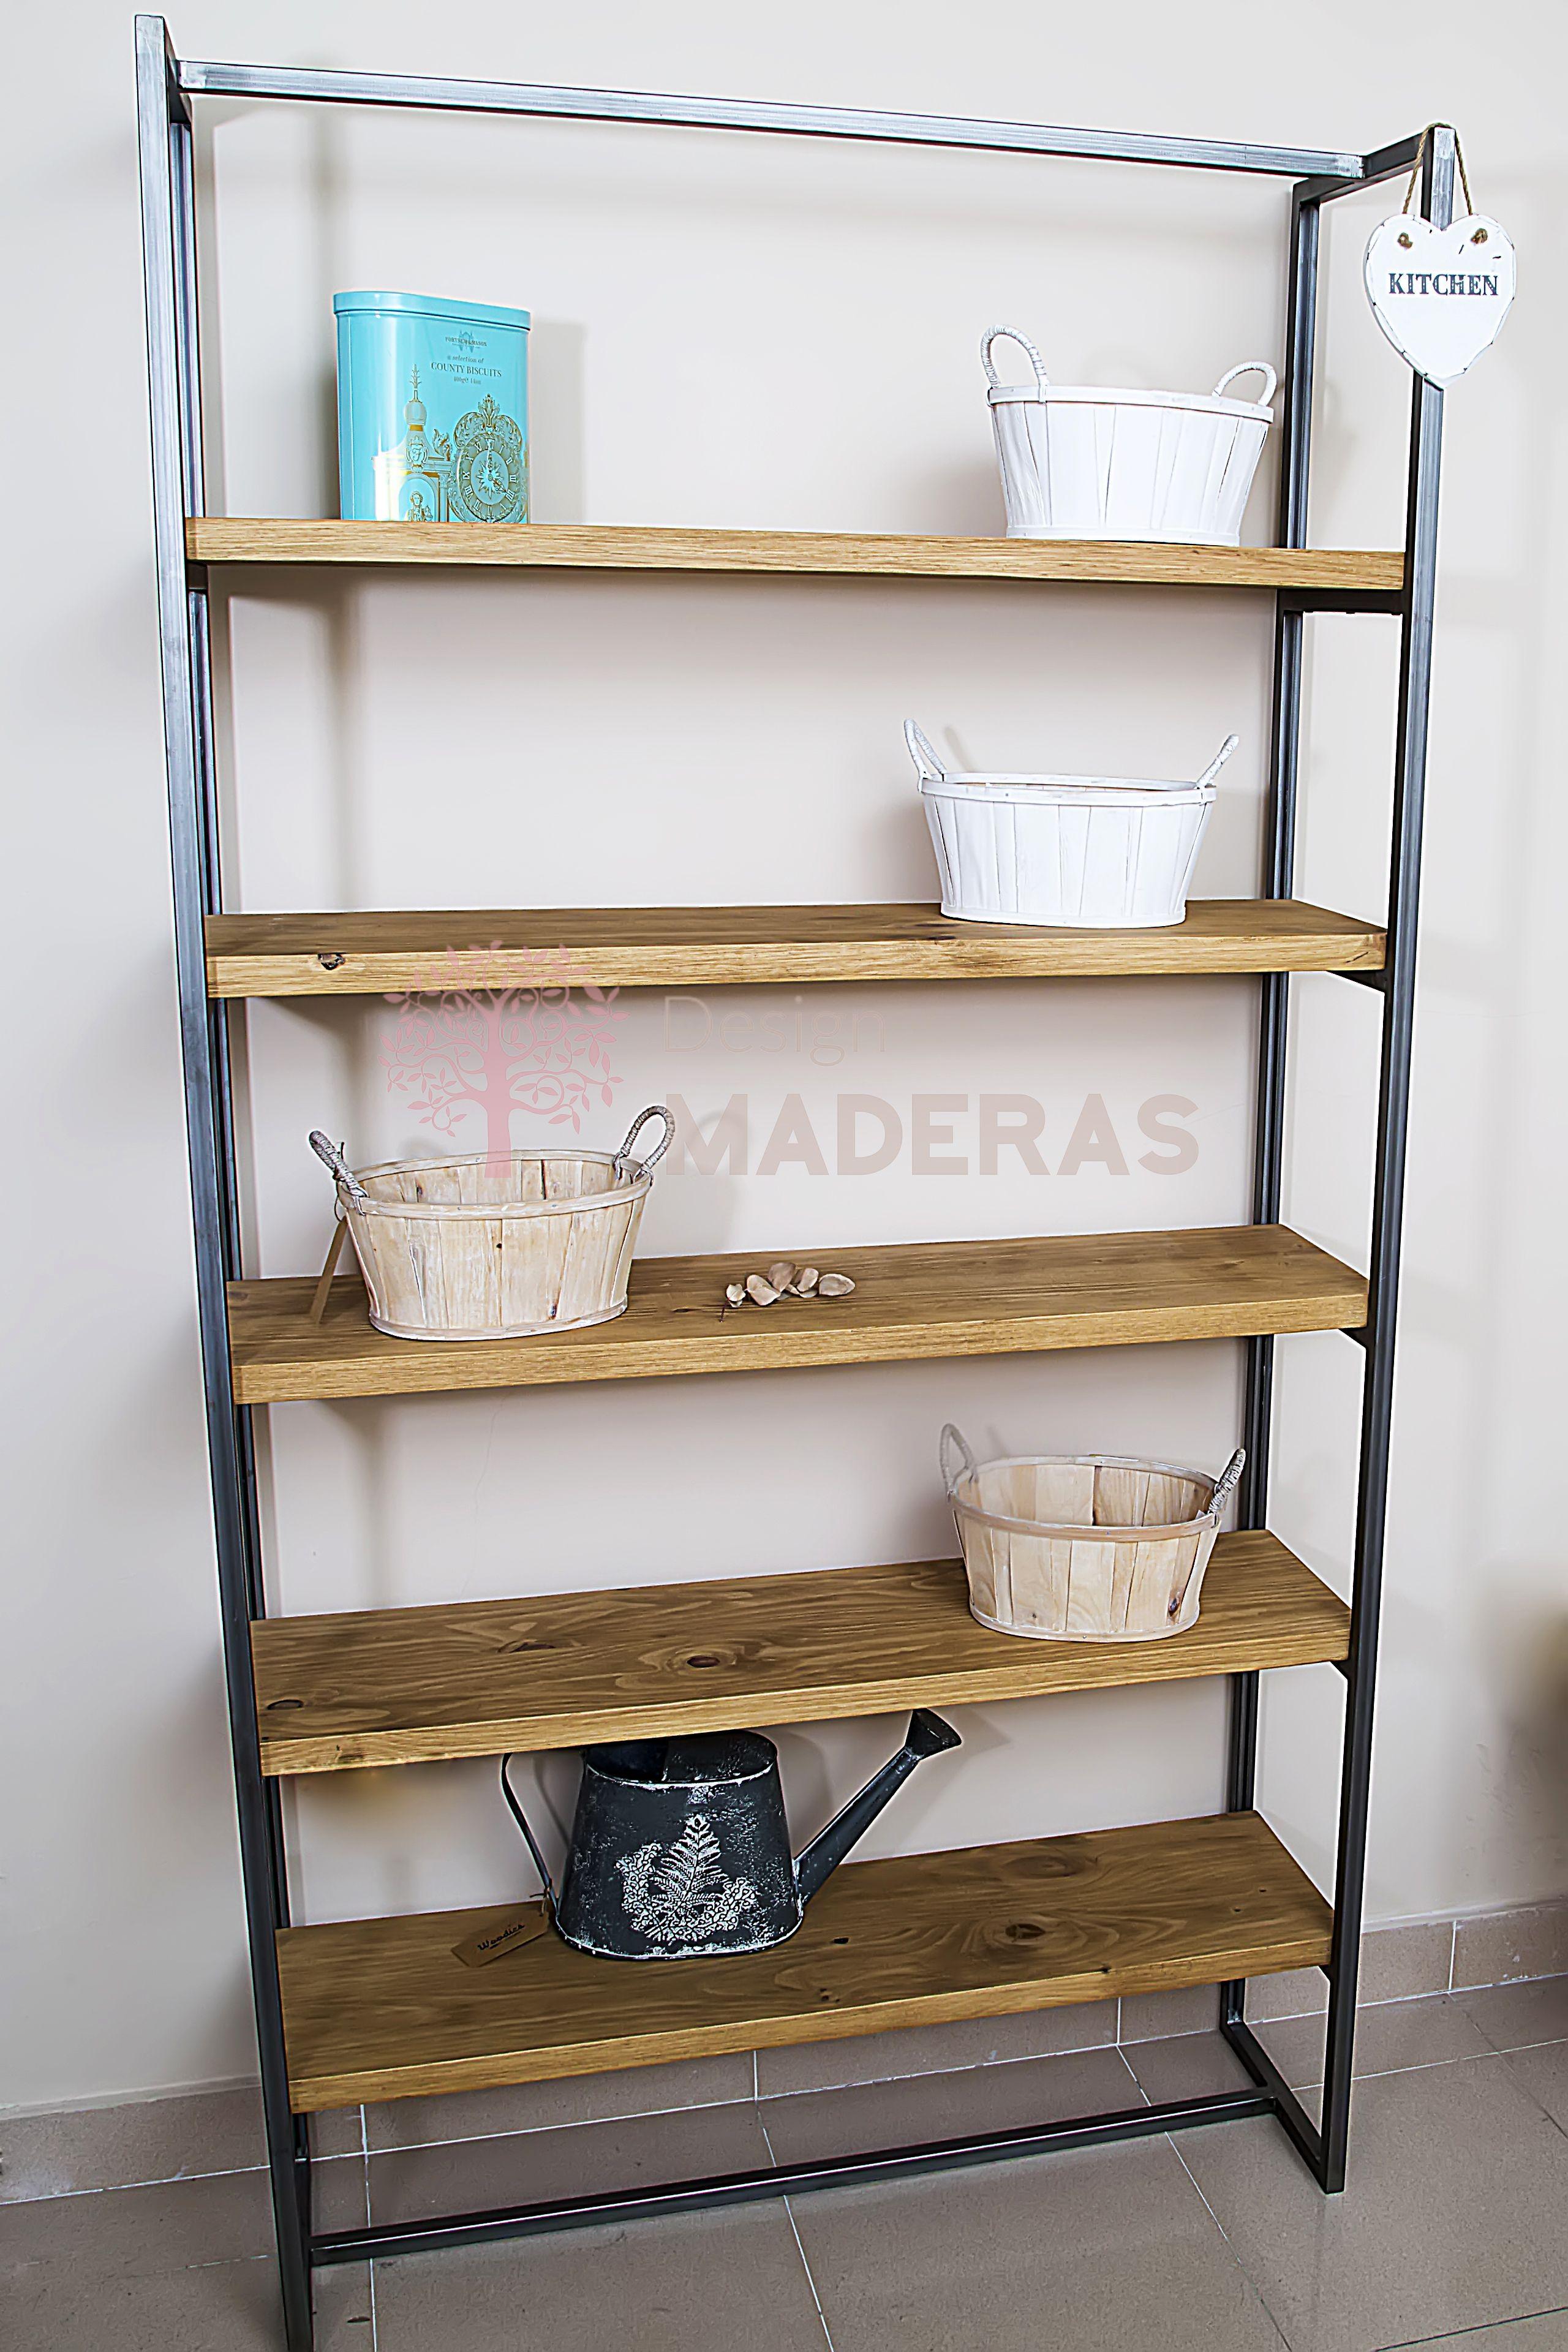 Estanter a de madera maciza de pino con estructura de hierro natural el dise o y la robustez - Estanteria madera maciza ...